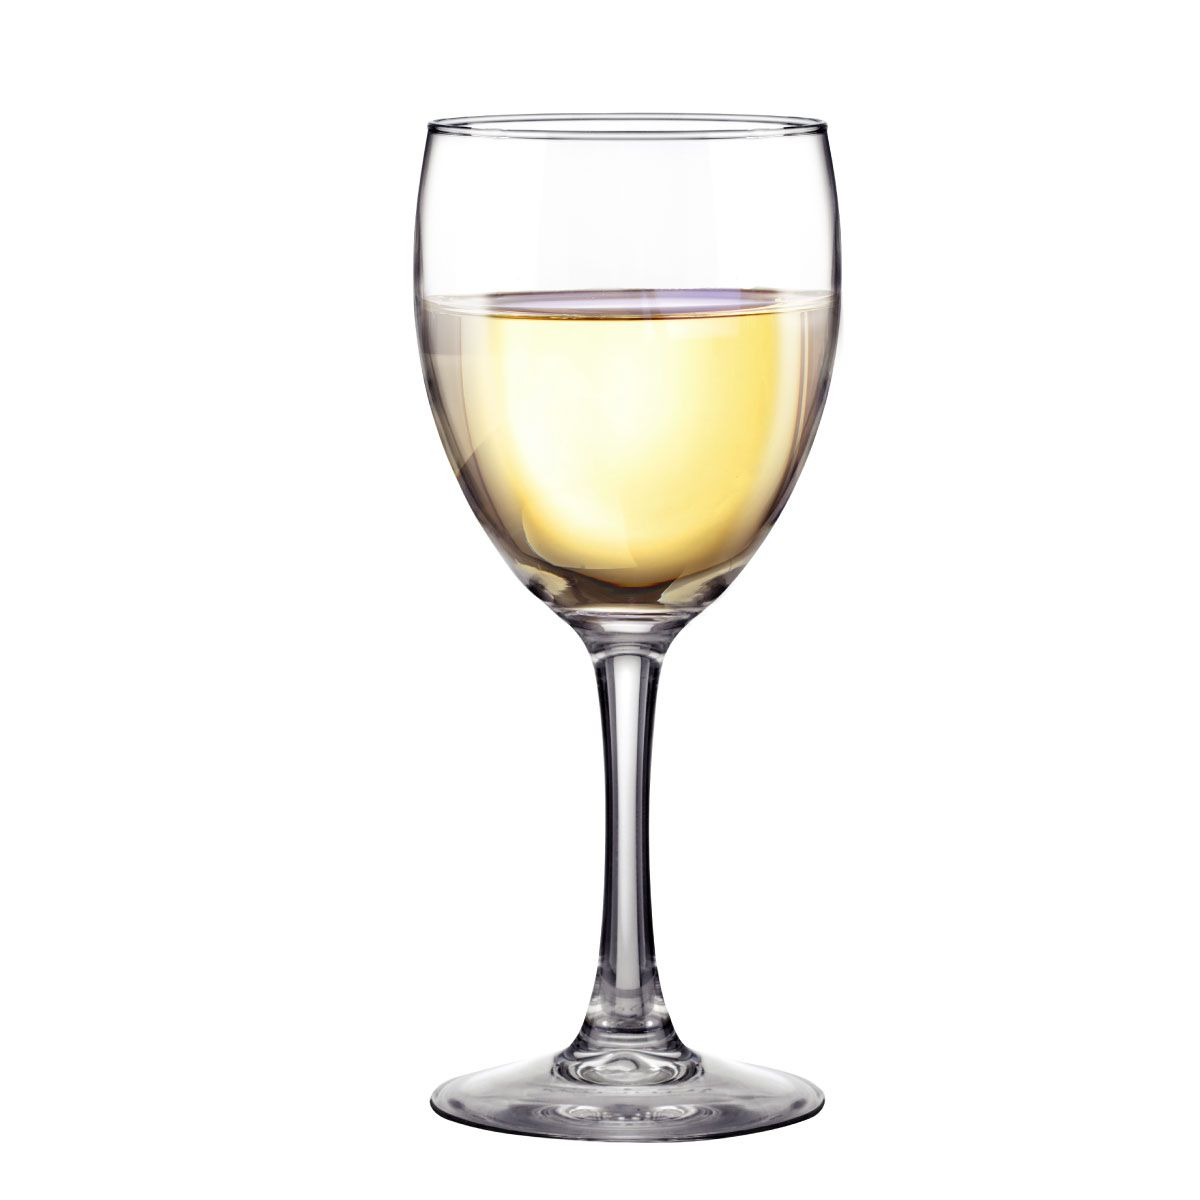 Taça Vinho Branco - Bourbon M 310ml Vidro Temperado